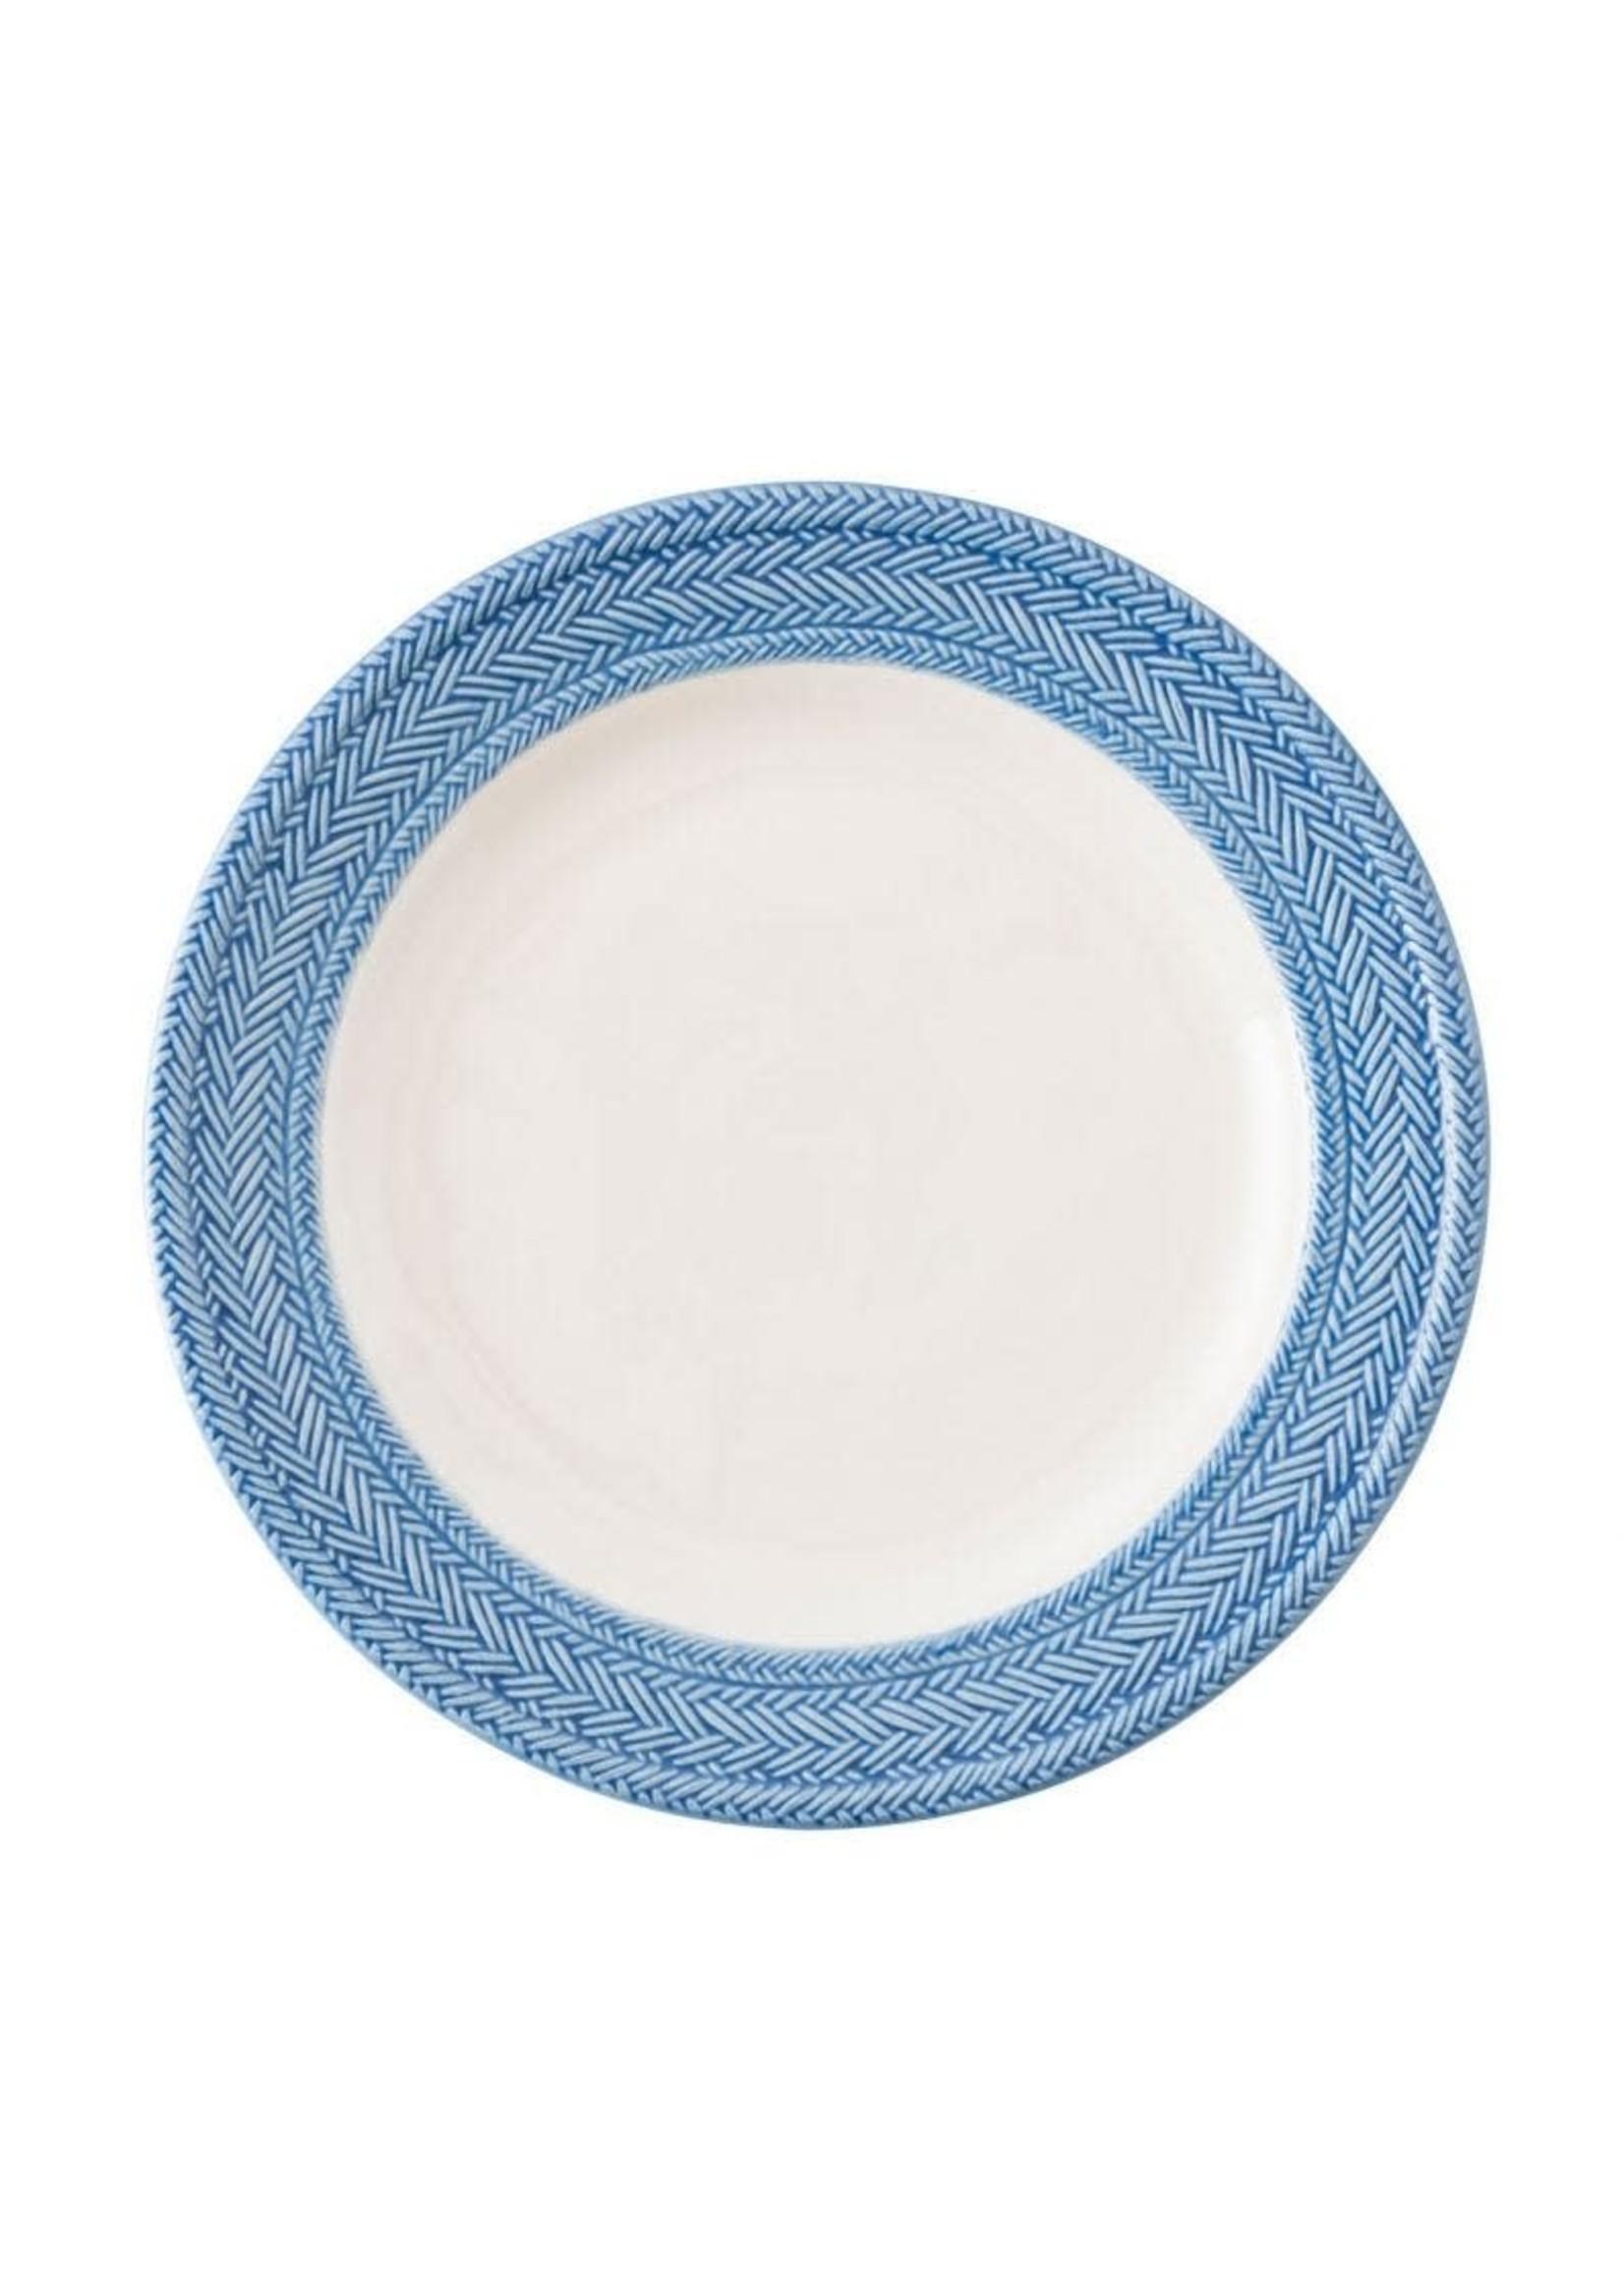 Juliska Le Panier Delft - Dinner Plate